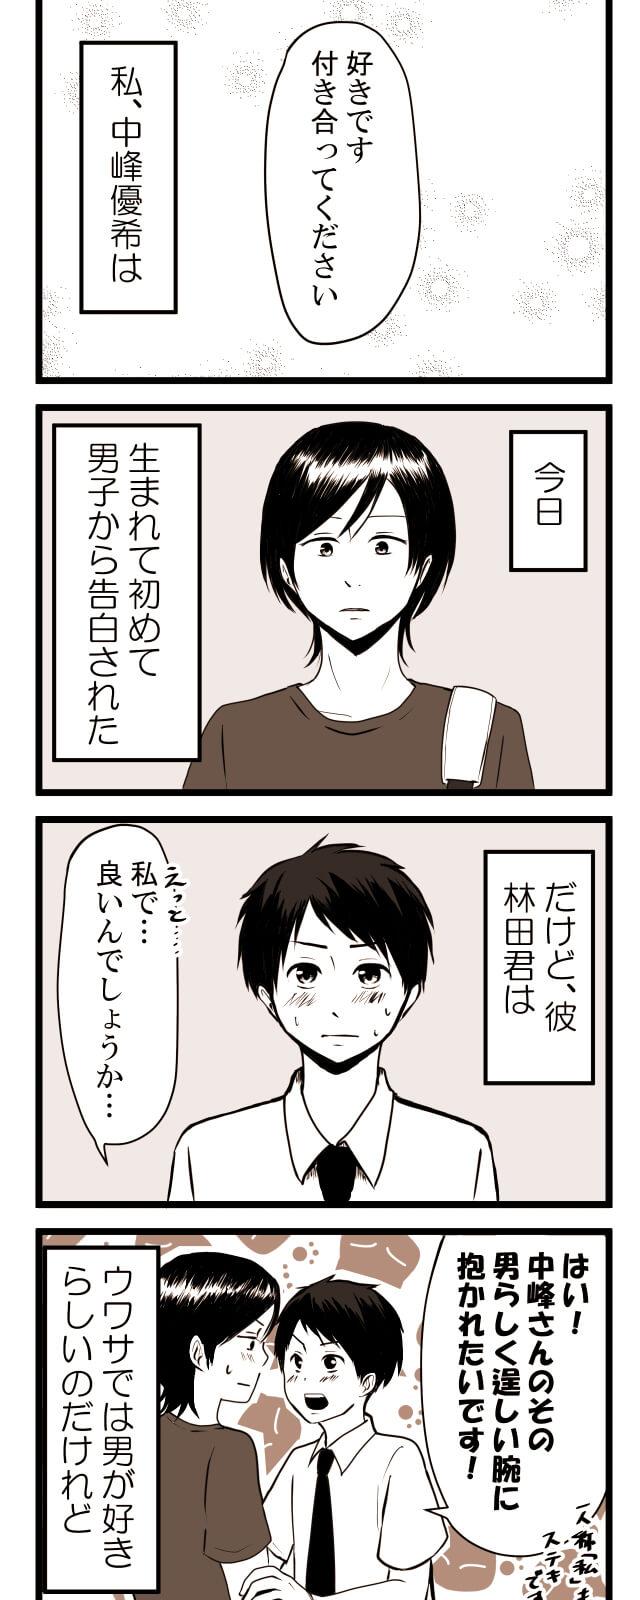 生まれてはじめて男子に告白されたのだが、その男子は男好きで、中峰さんを男だと勘違いしているようだ。